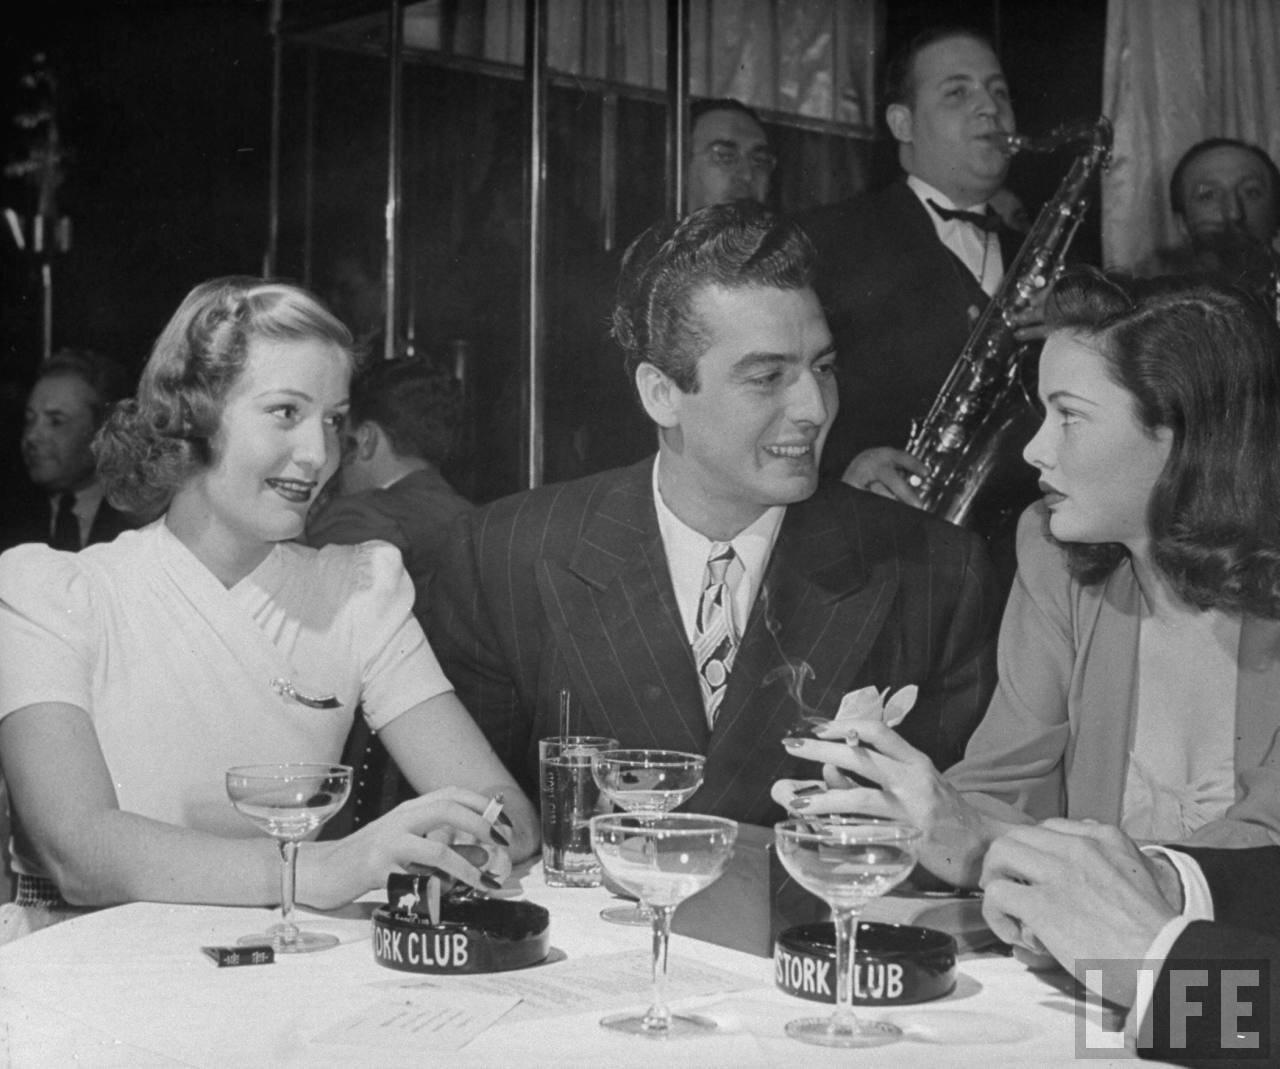 1941. Виктор Мэтьюр и Джин Тирни пьют шампанское в «Stork Club»